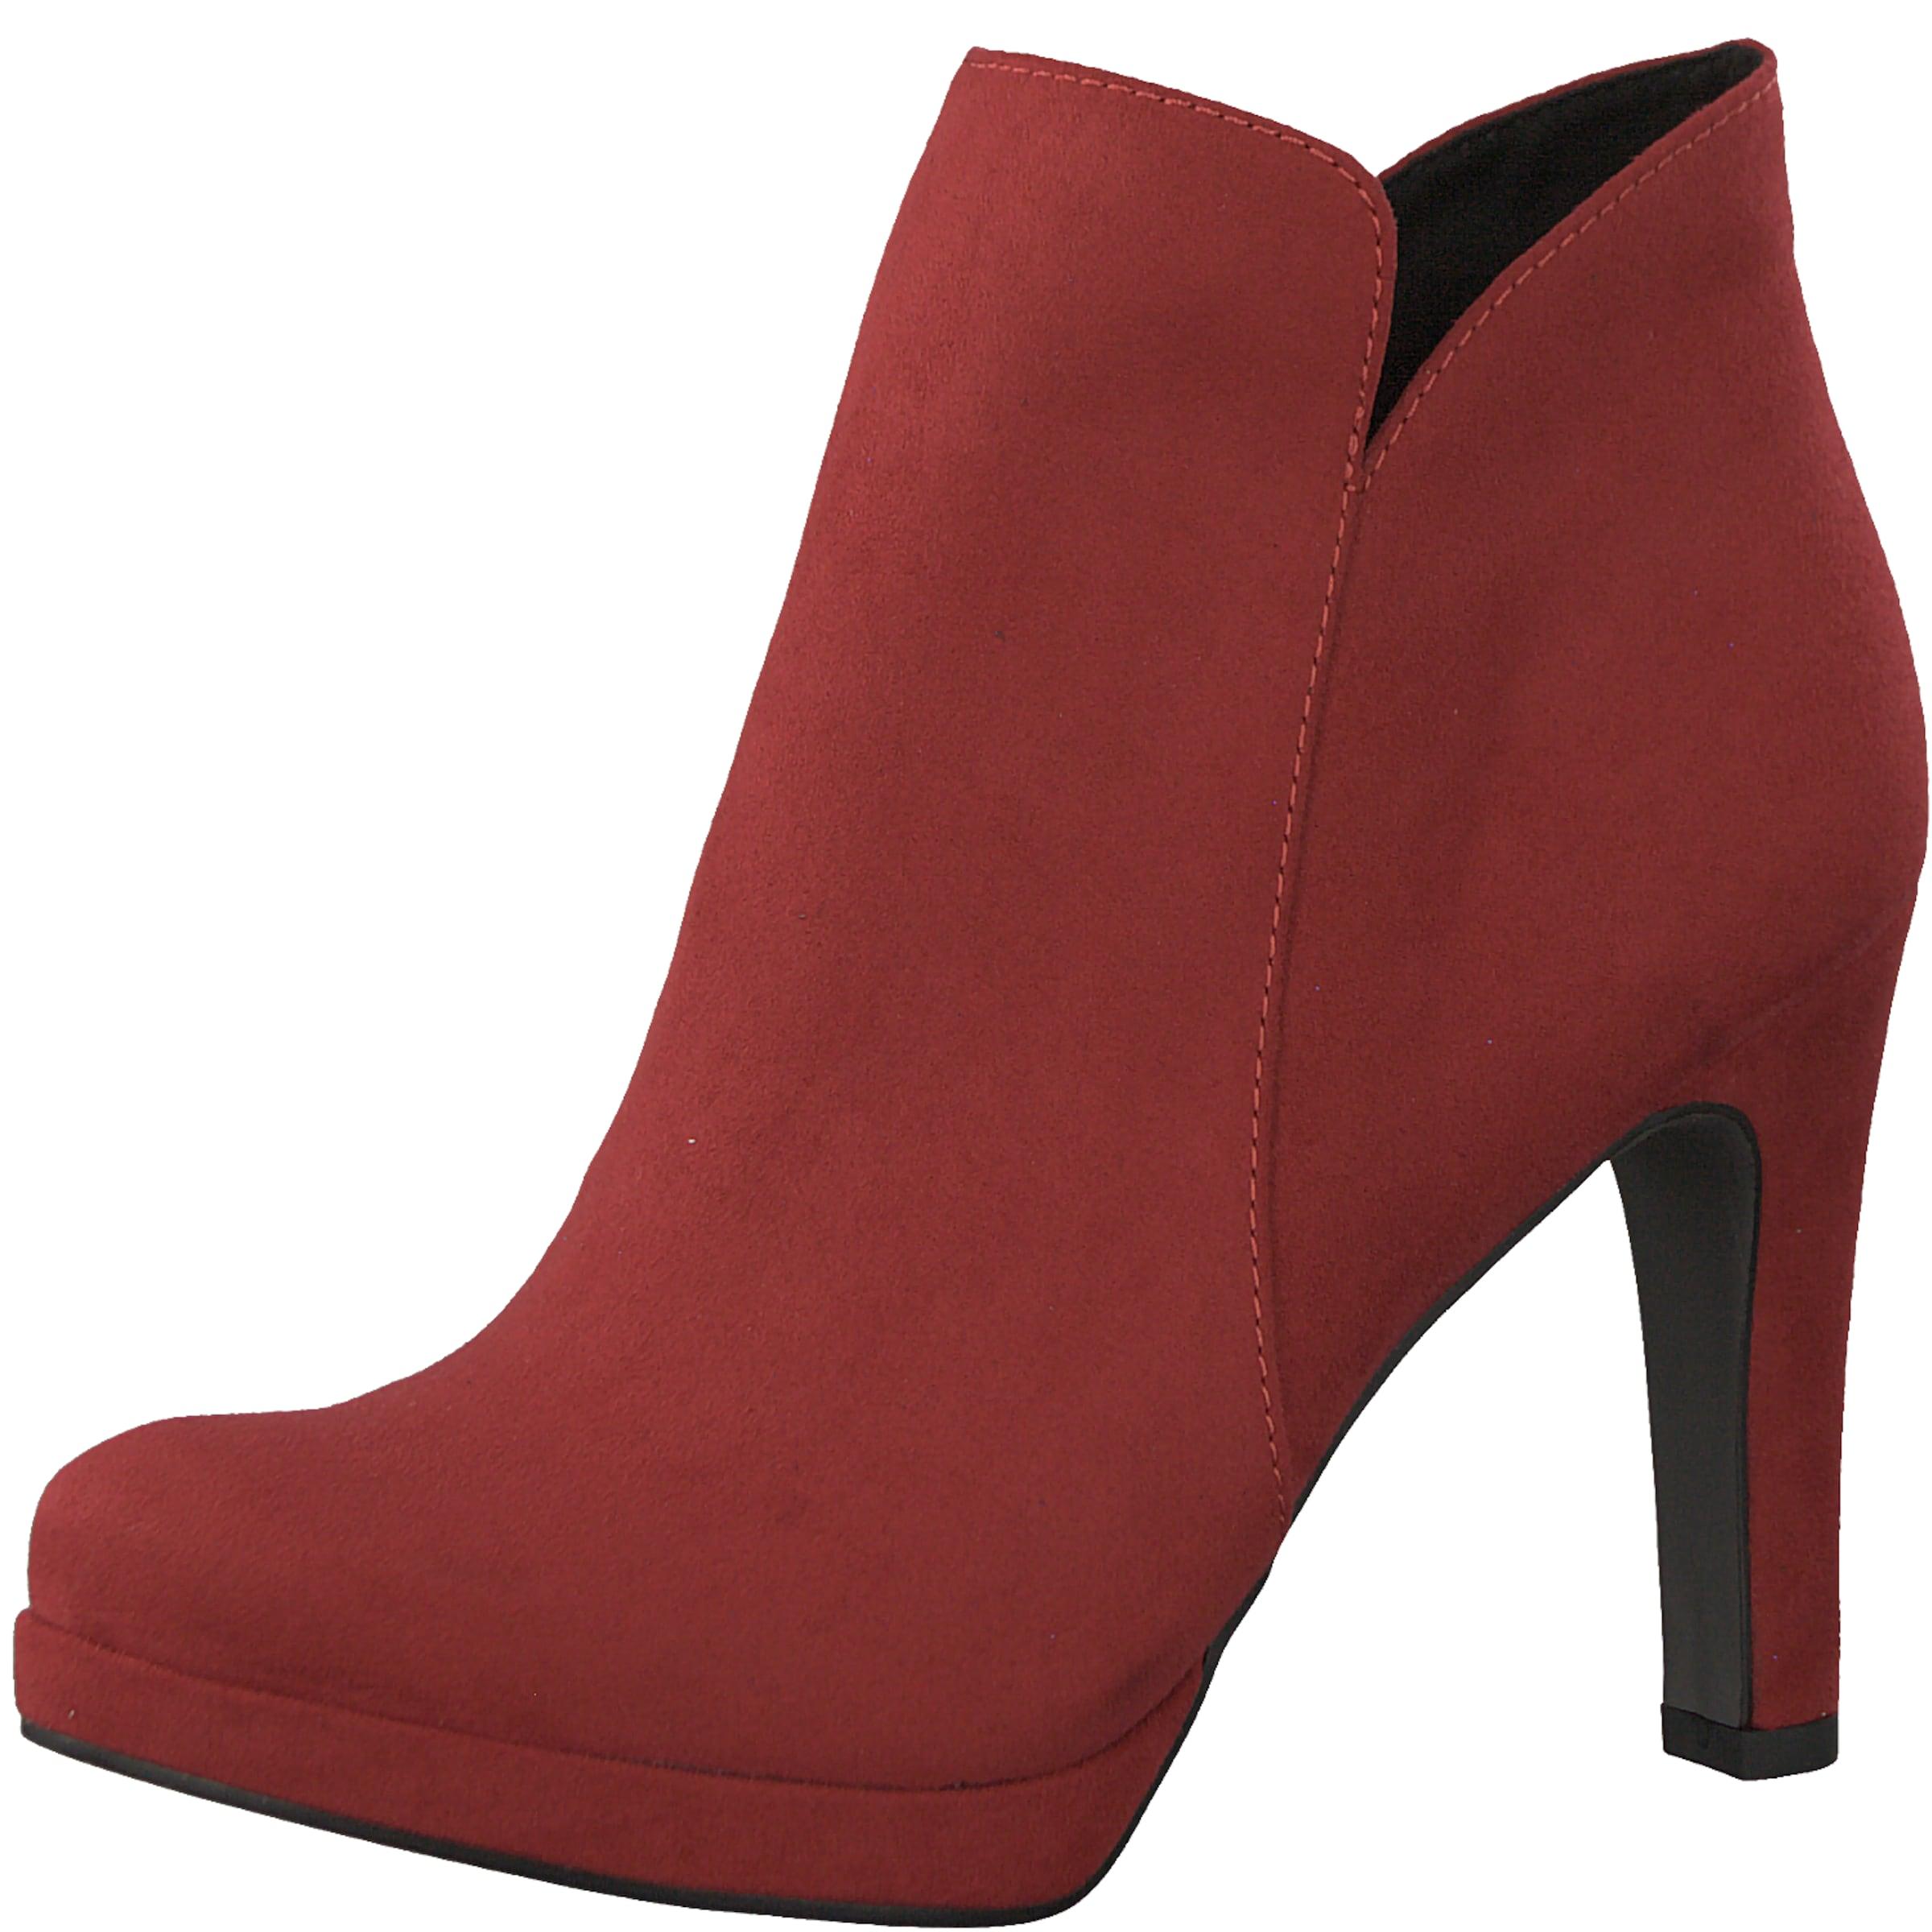 TAMARIS Ankle Boots Verschleißfeste billige Schuhe